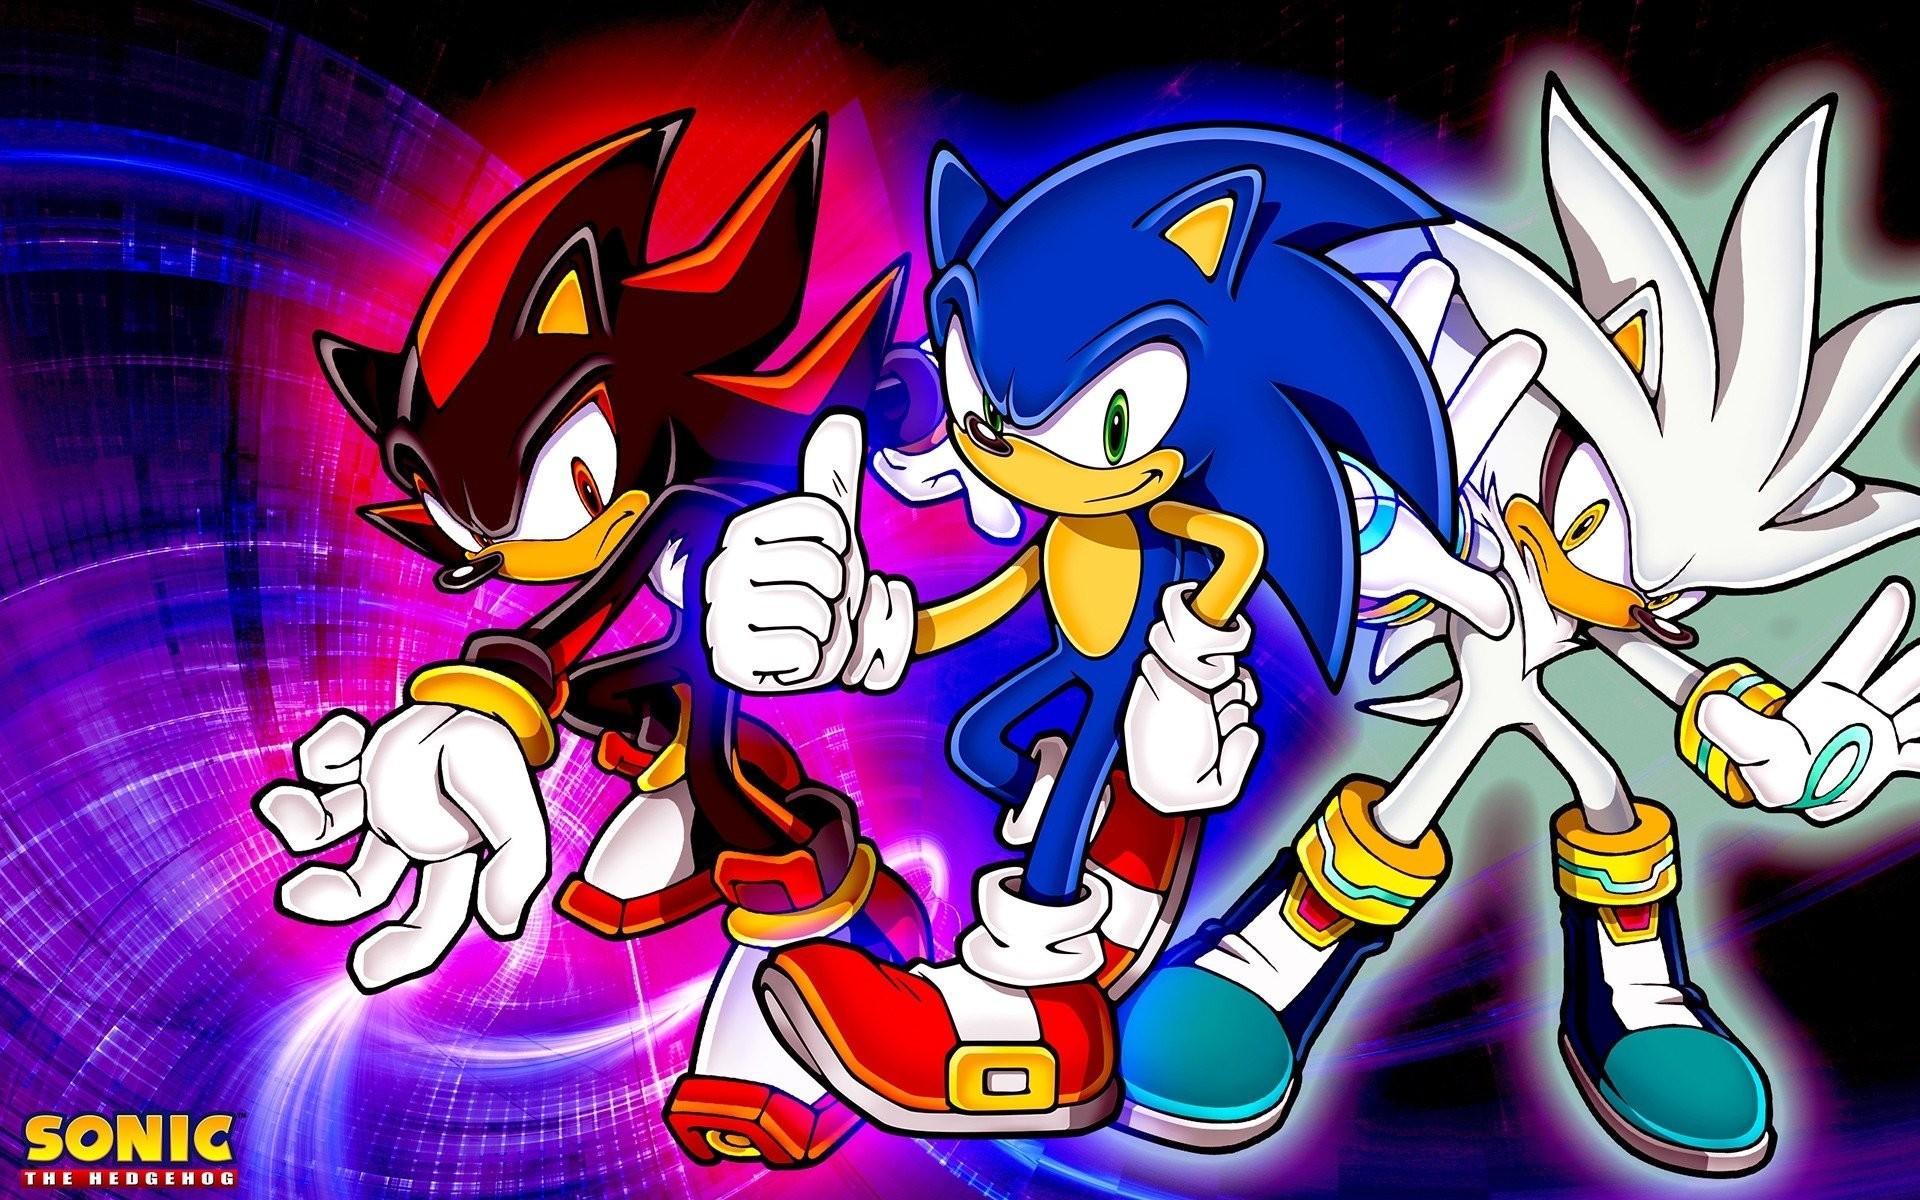 Fondo de pantalla HD   Fondo de Escritorio ID:416499. Videojuego  Sonic the Hedgehog